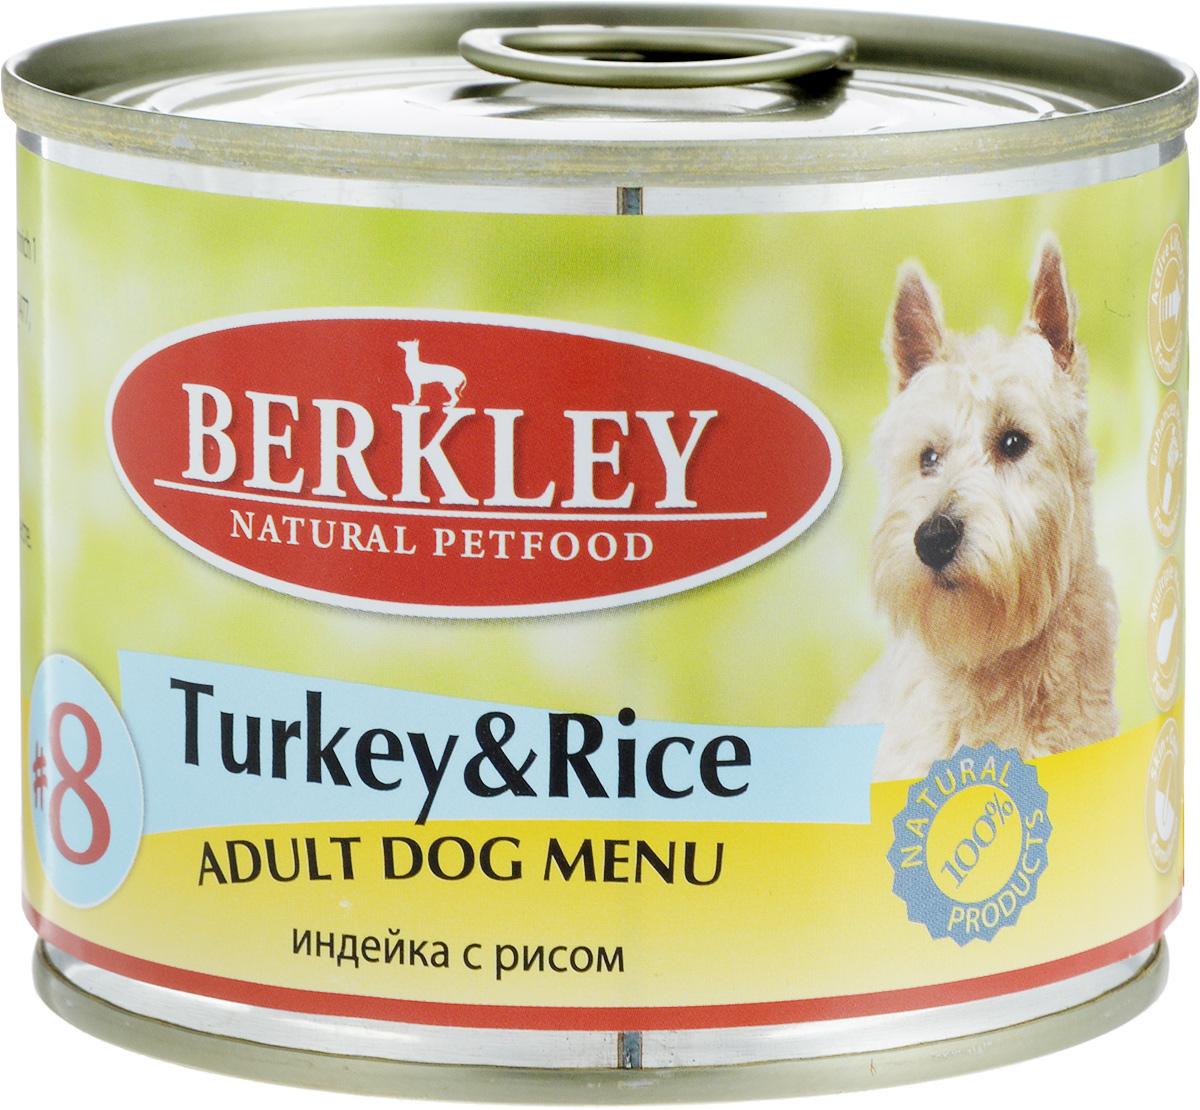 Консервы для собак Berkley №8, индейка с рисом, 200 г12171996Консервы Berkley №8 - полноценное консервированное питание для собак. Не содержат сои, консервантов, искусственных красителей и ароматизаторов. Корм полностью удовлетворяет ежедневные энергетические потребности животного и обеспечивает оптимальное функционирование пищеварительной системы.Товар сертифицирован.